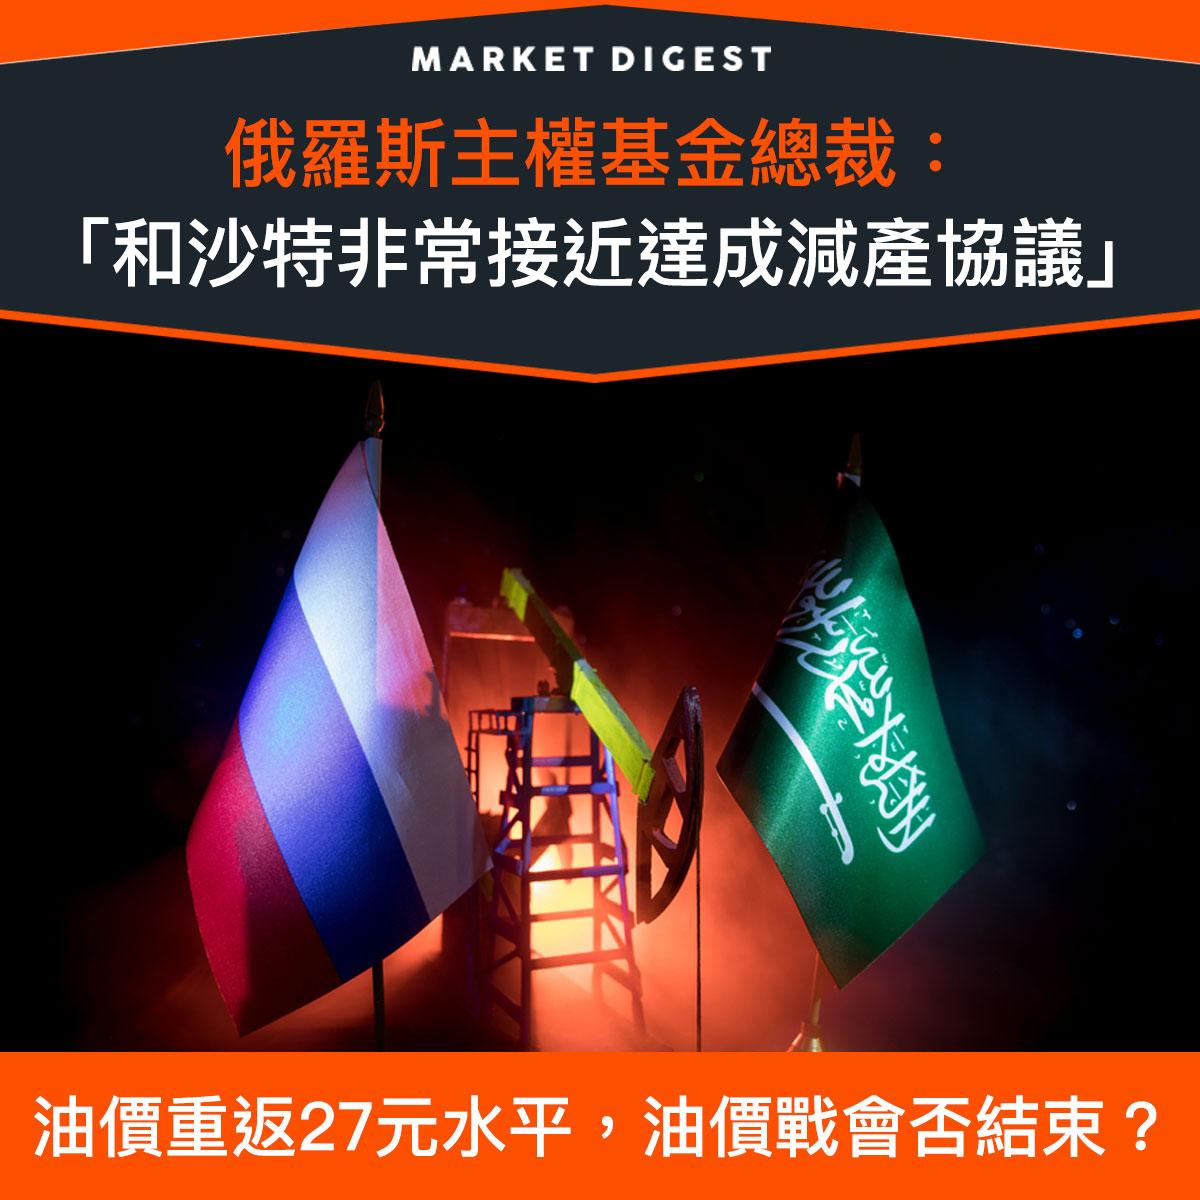 【市場熱話】俄羅斯主權基金總裁:「和沙特非常接近達成減產協議」